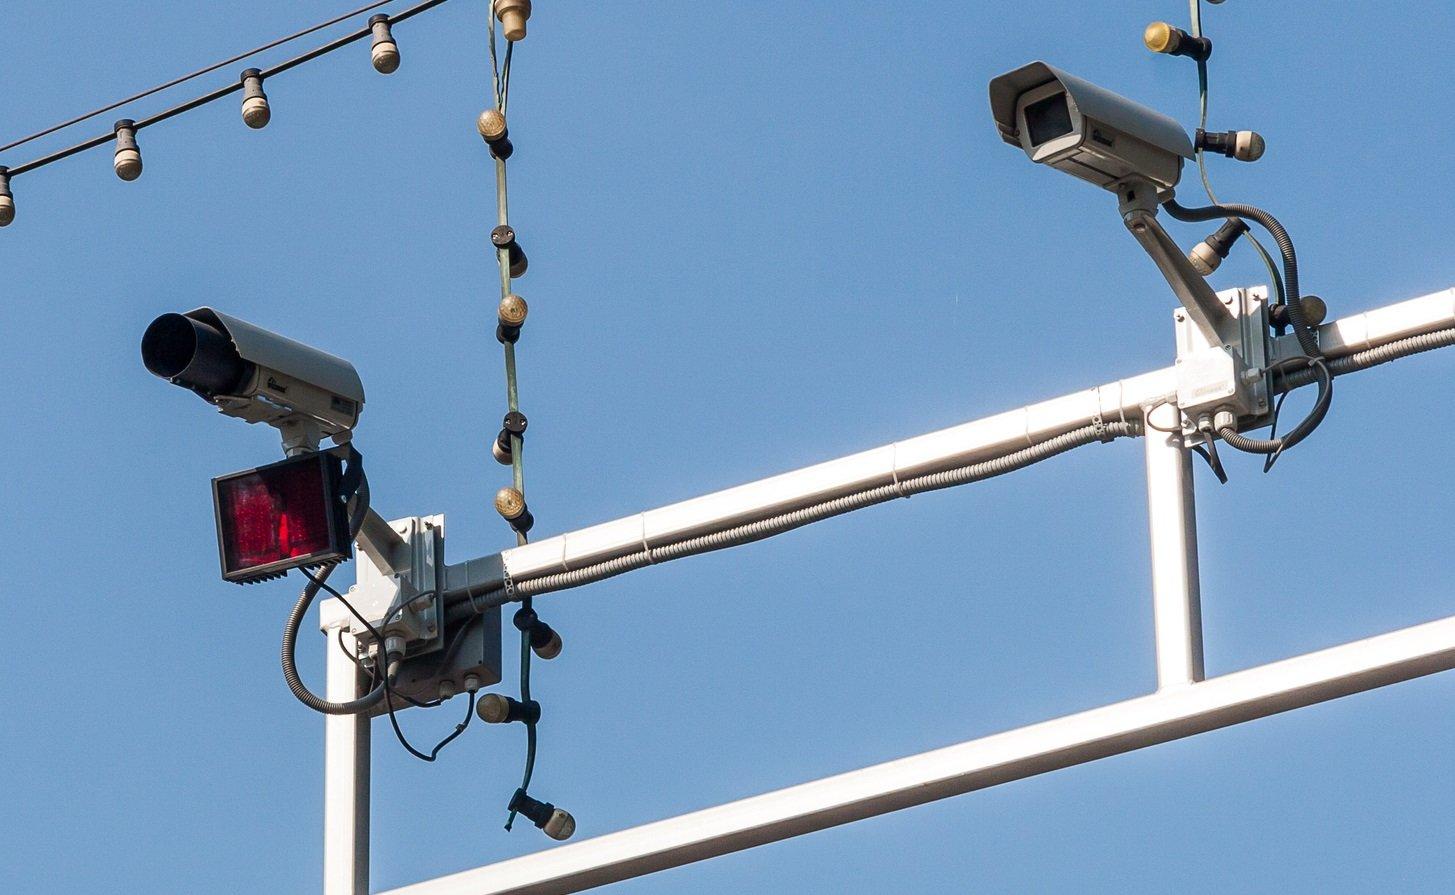 Штрафы с камер теперь можно обжаловать через Госуслуги: рассказываем как